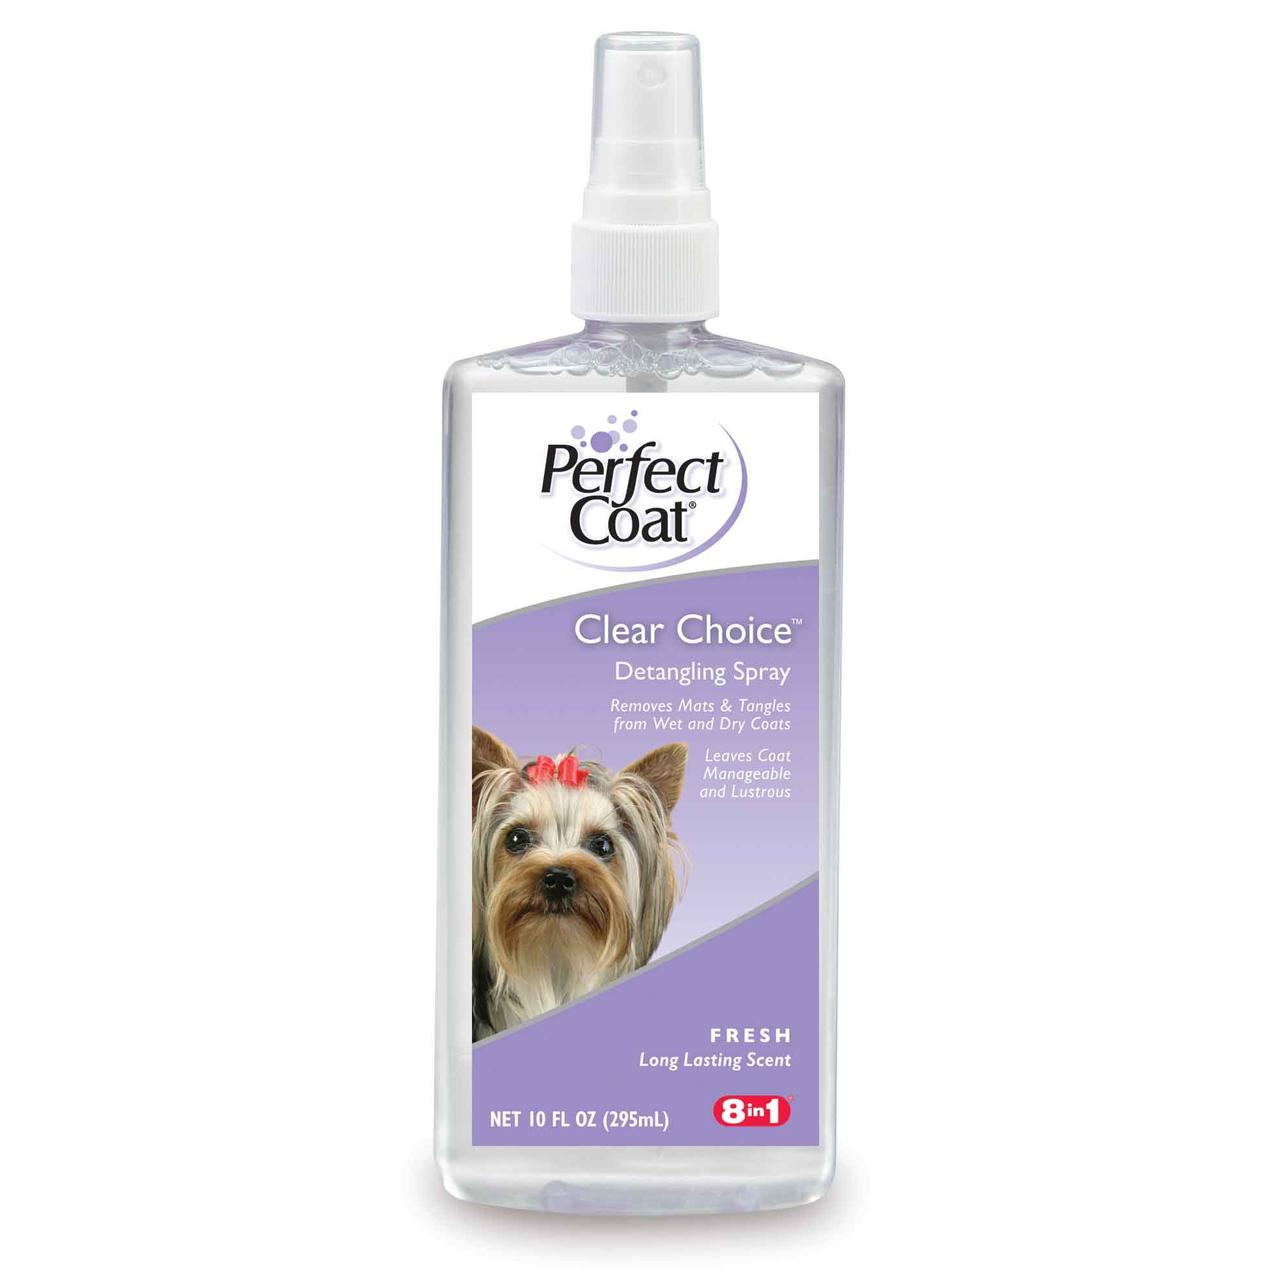 8in1 Clear Choice Detangling Grooming Spray 295 мл - спрей от колтунов и для облегчения расчесывания шерсти